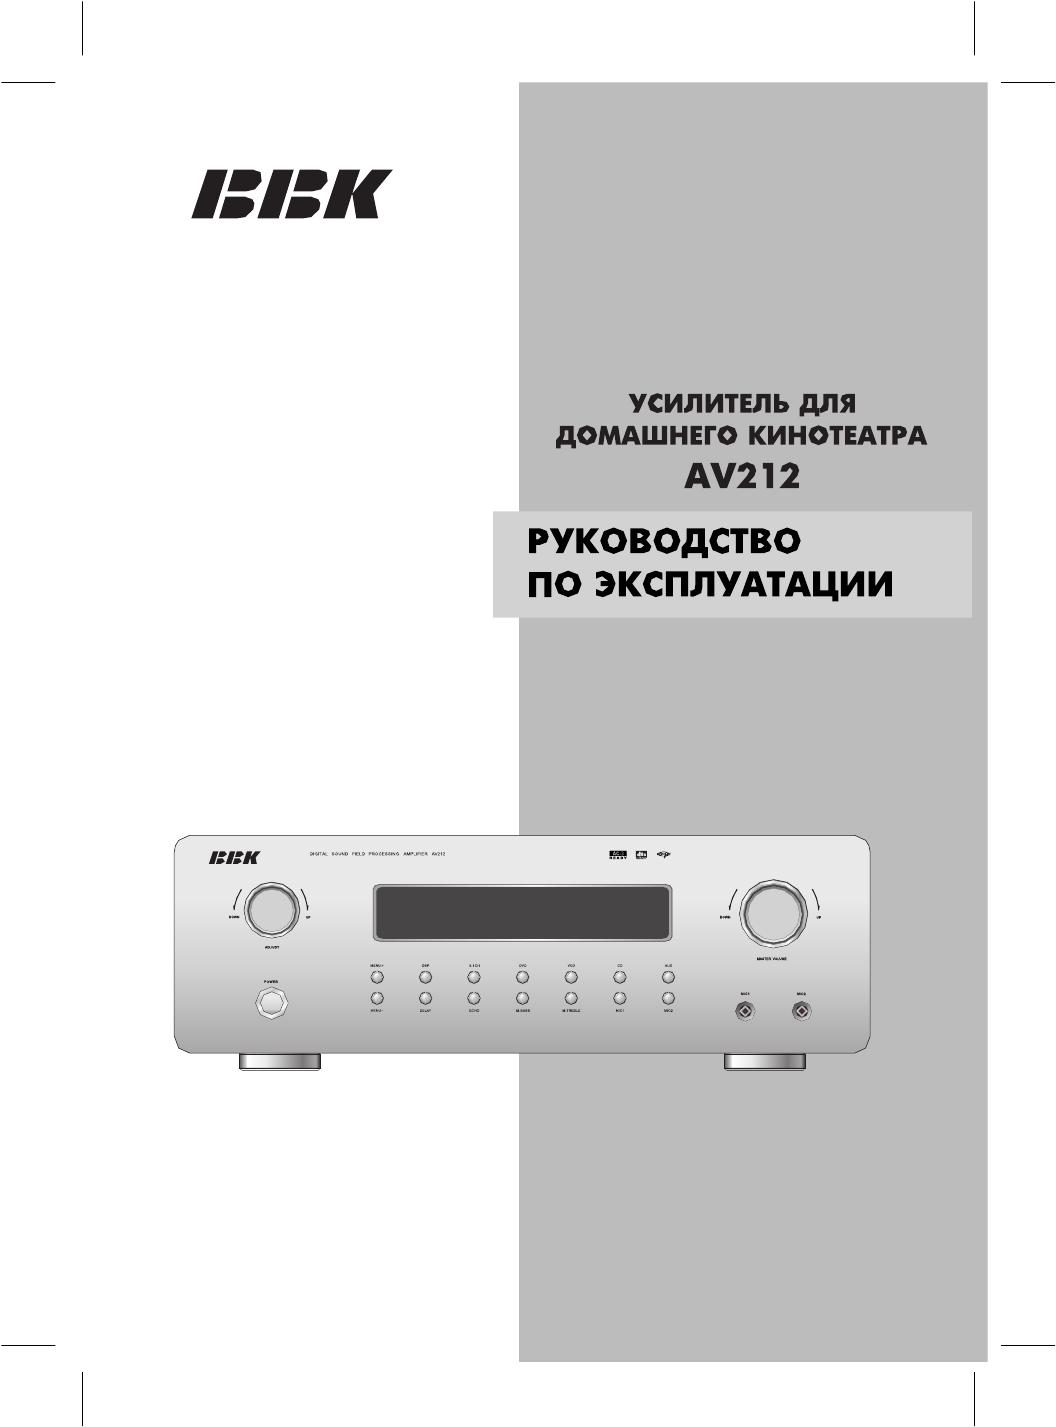 Bbk инструкция по эксплуатации